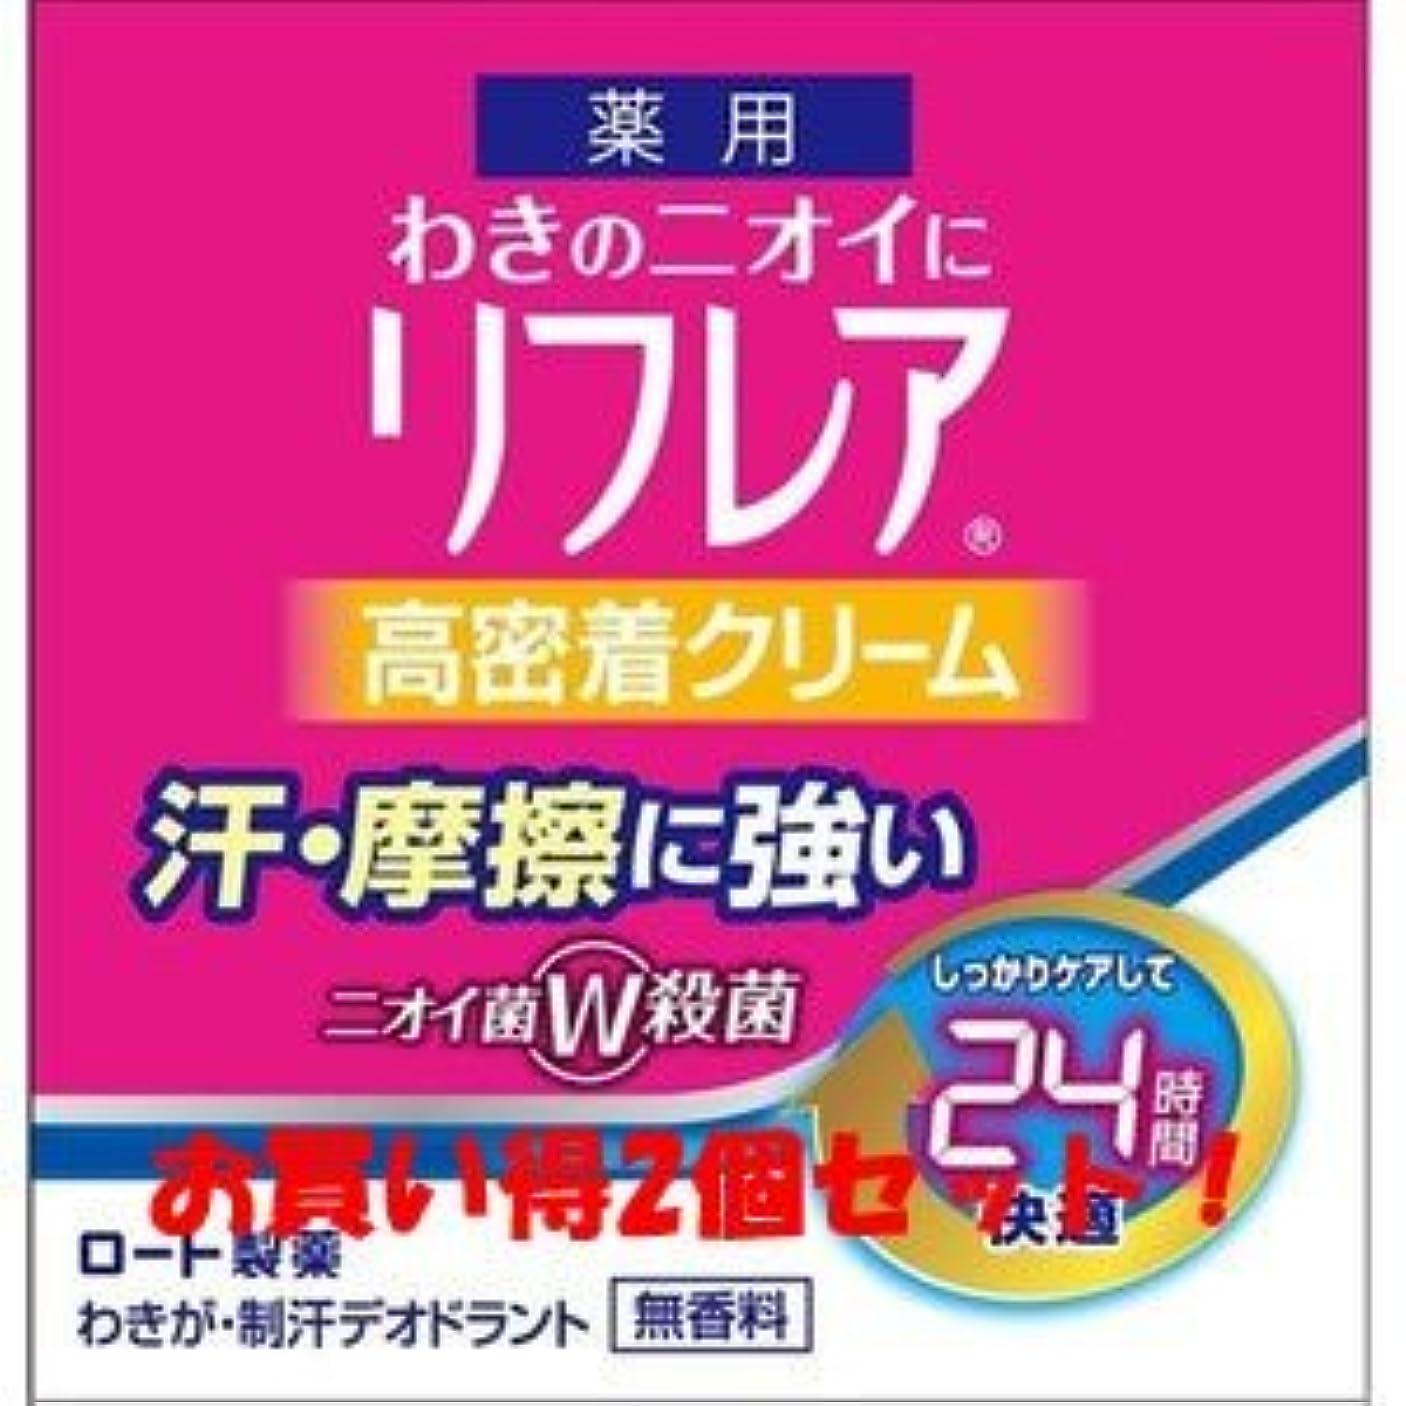 適用する症候群うがい(ロート製薬)メンソレータム リフレア デオドラントクリーム 55g(医薬部外品)(お買い得2個セット)